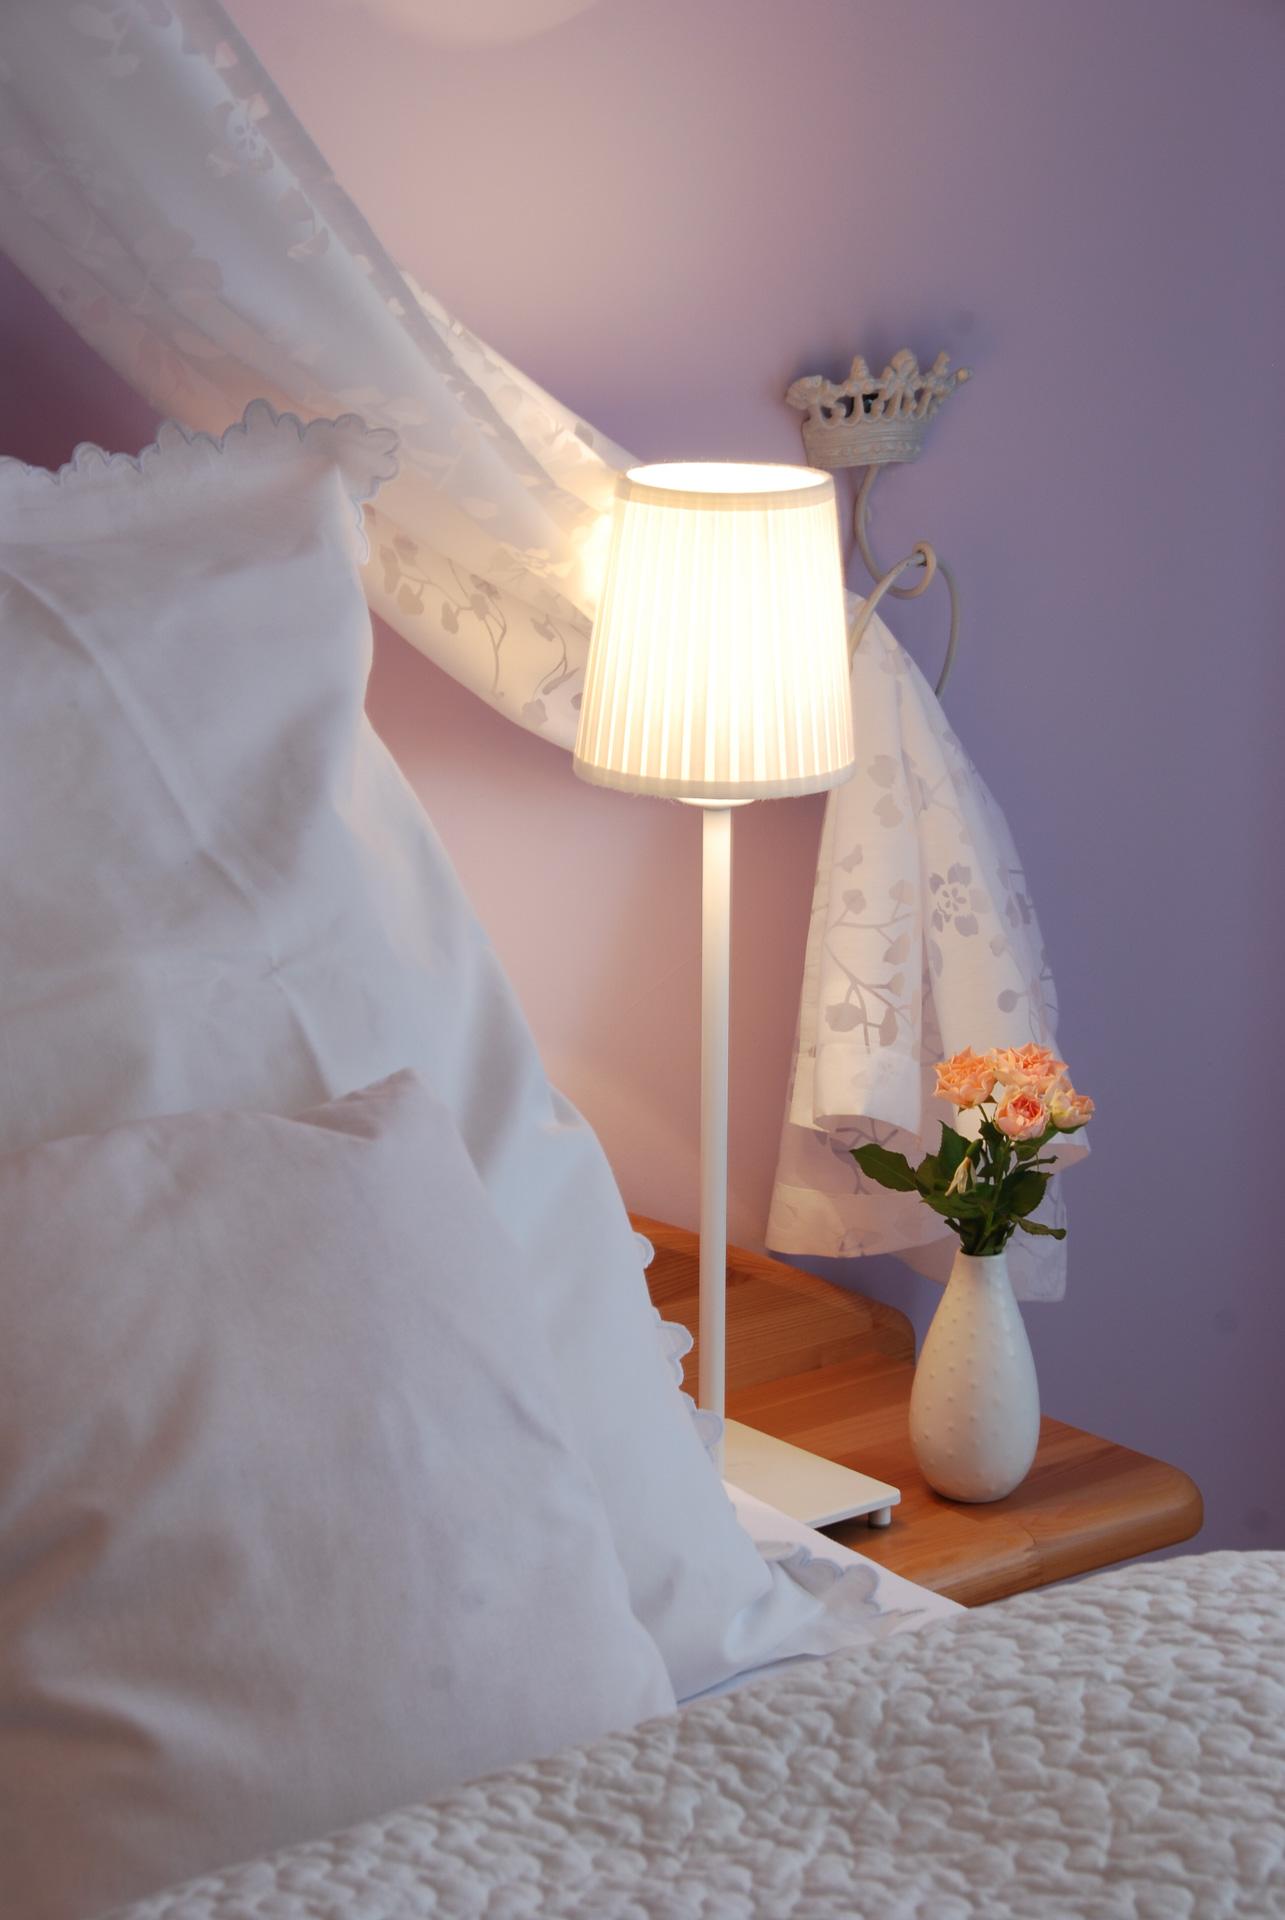 wohnzimmerz: schlafzimmer romantisch gestalten with babyzimmer, Schlafzimmer entwurf